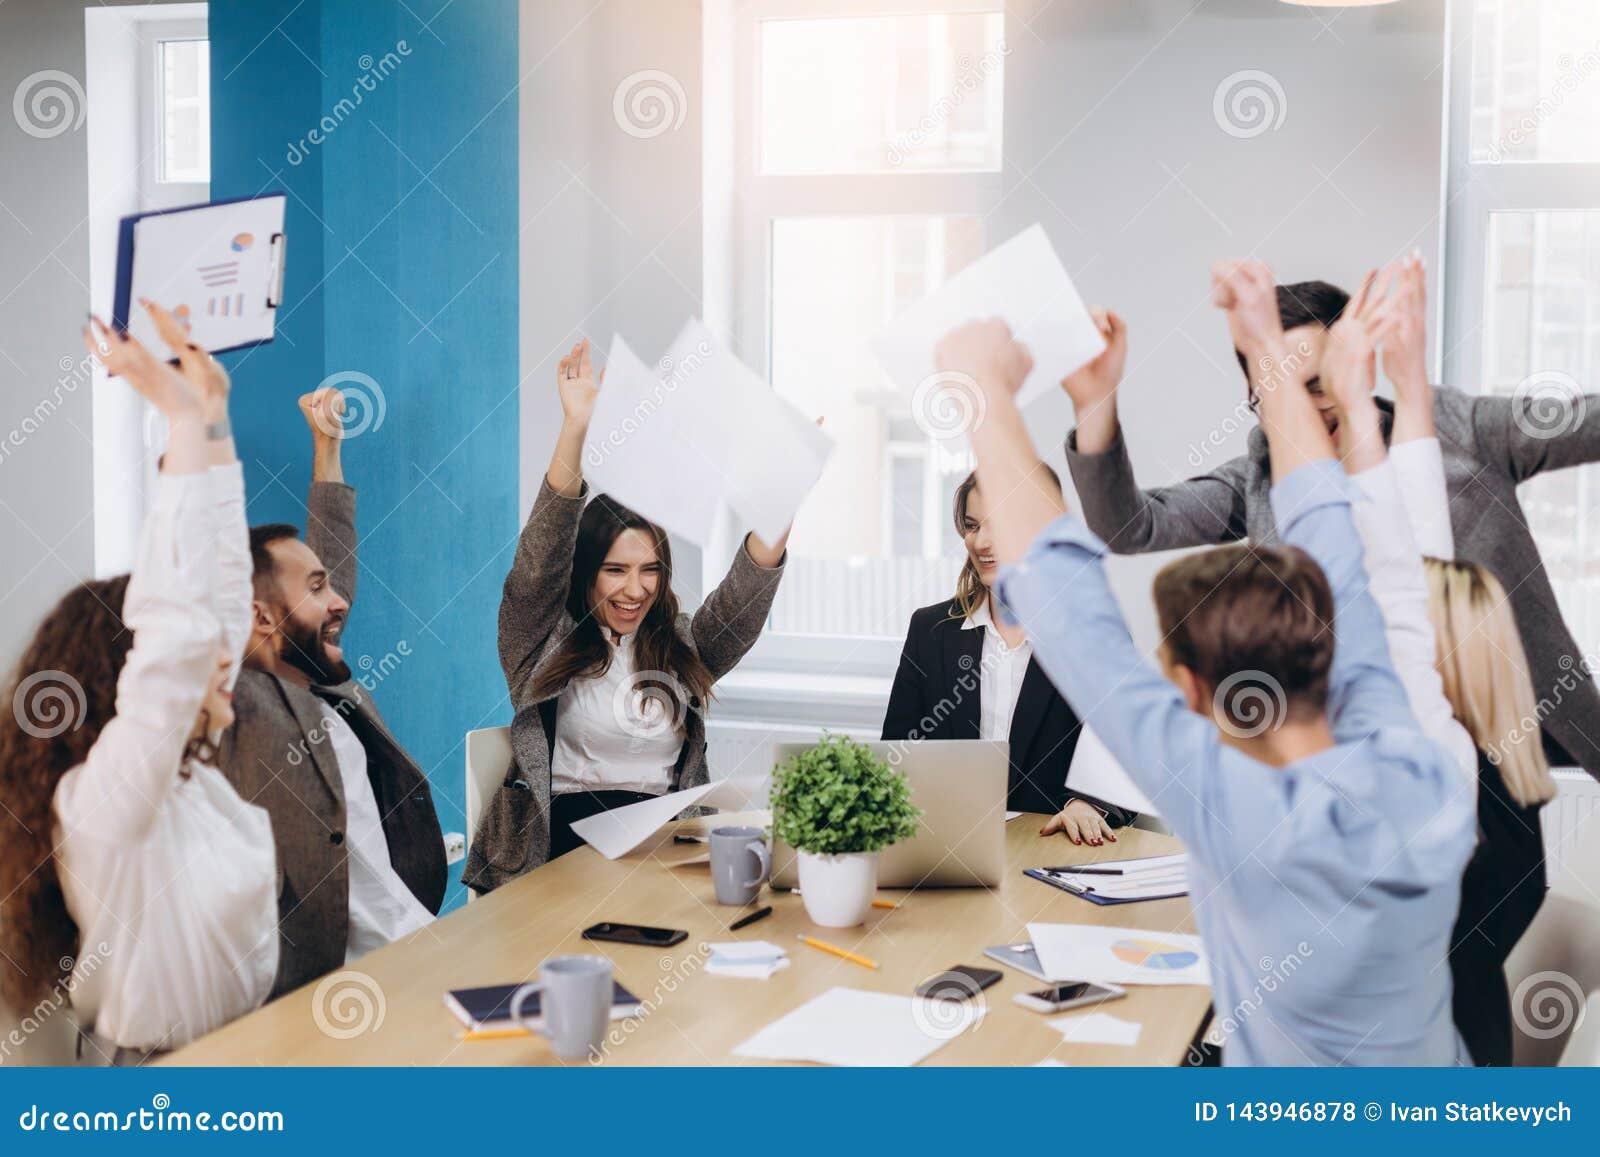 Det multietniska olika lyckliga laget firar upp papper f?r projektframg?ngkastet tillsammans F?retags gemenskap, h?gskolaavl?ggan